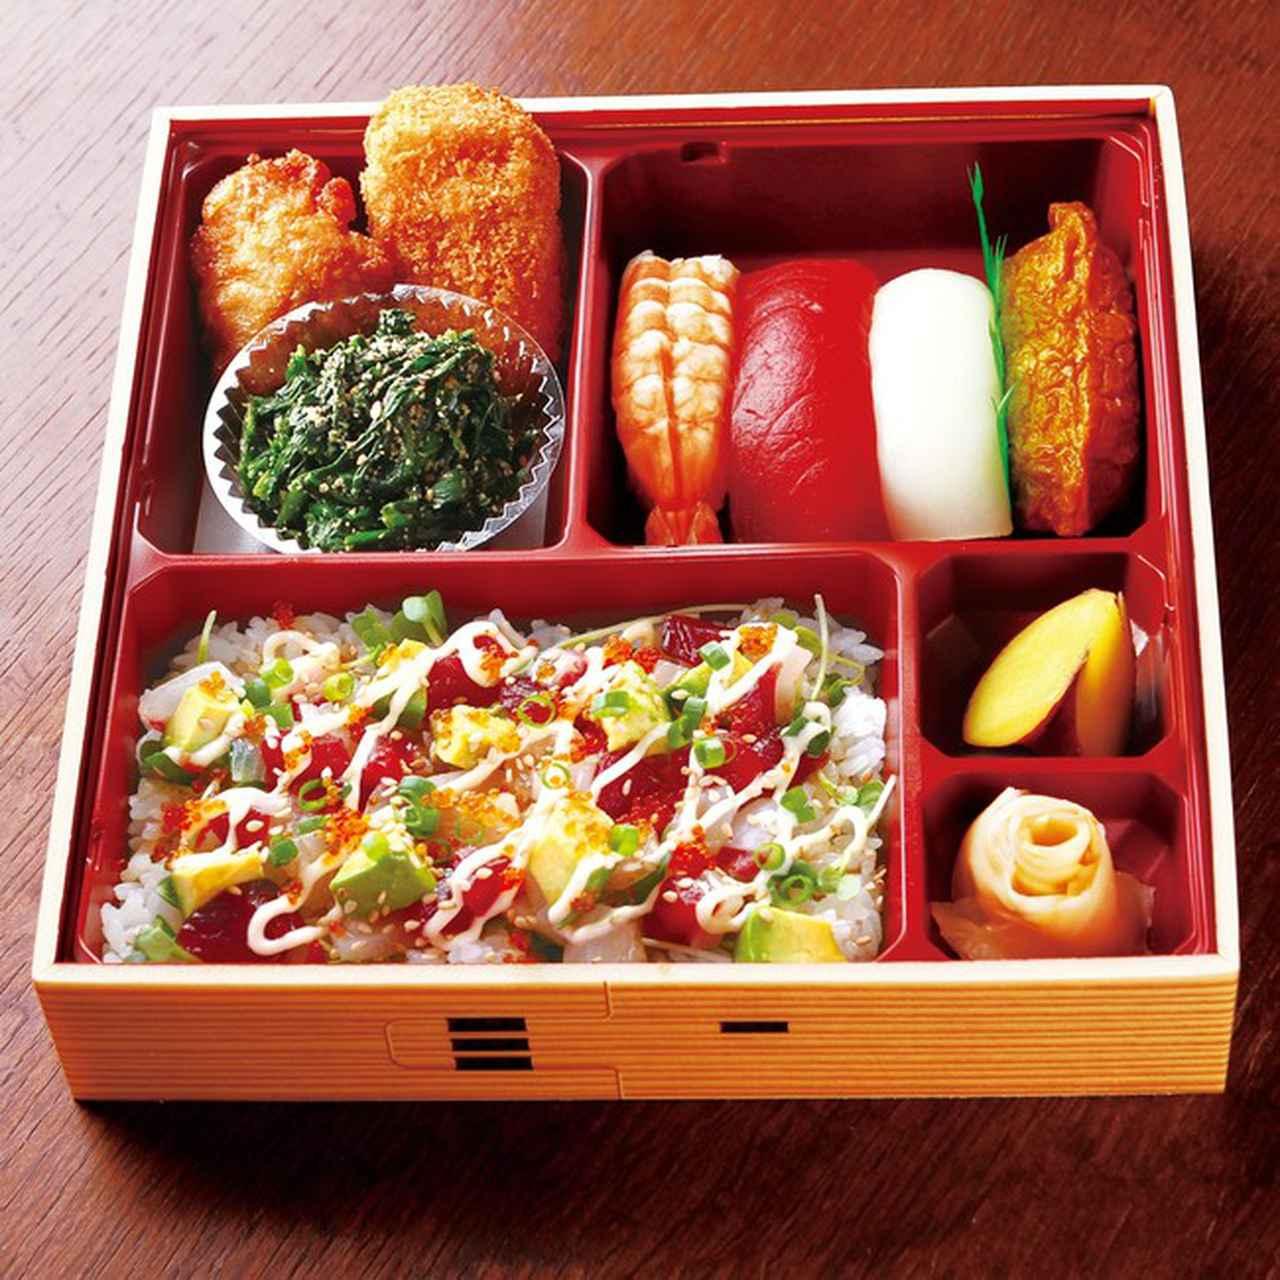 画像1: 見た目華やか、栄養価も高い完熟アボカドの寿司・弁当が新発売